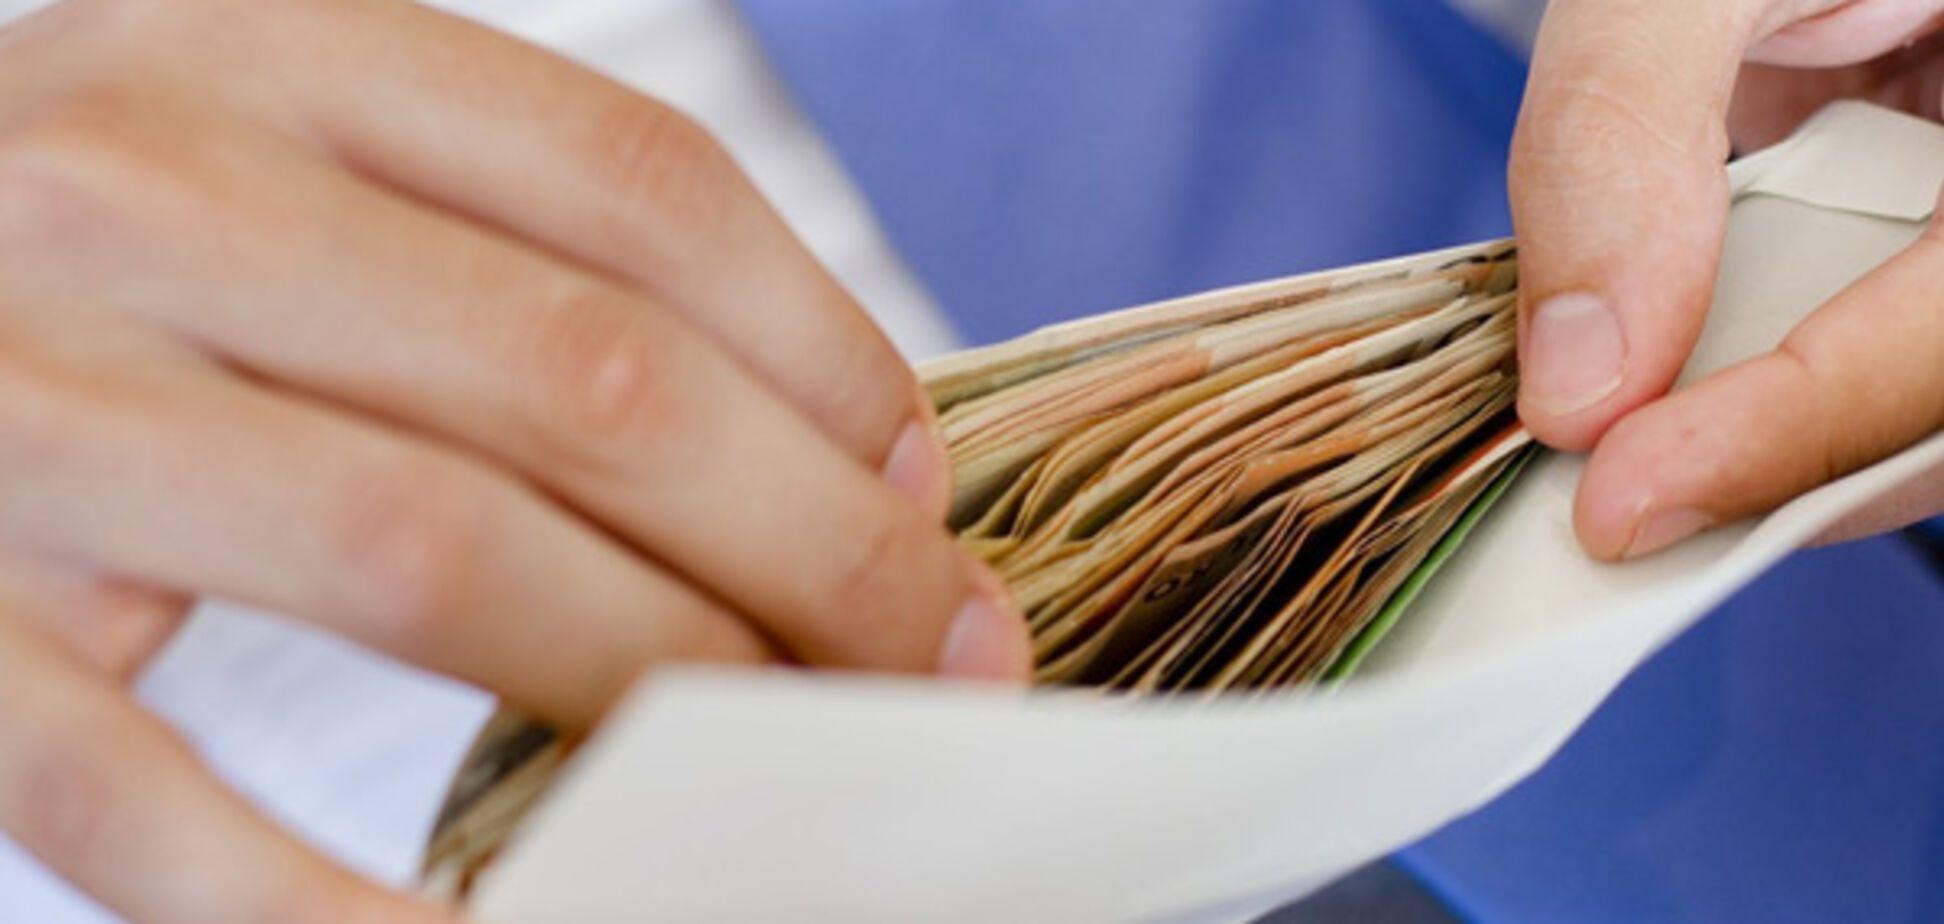 Зарплата по-білому або в конверті: опитування